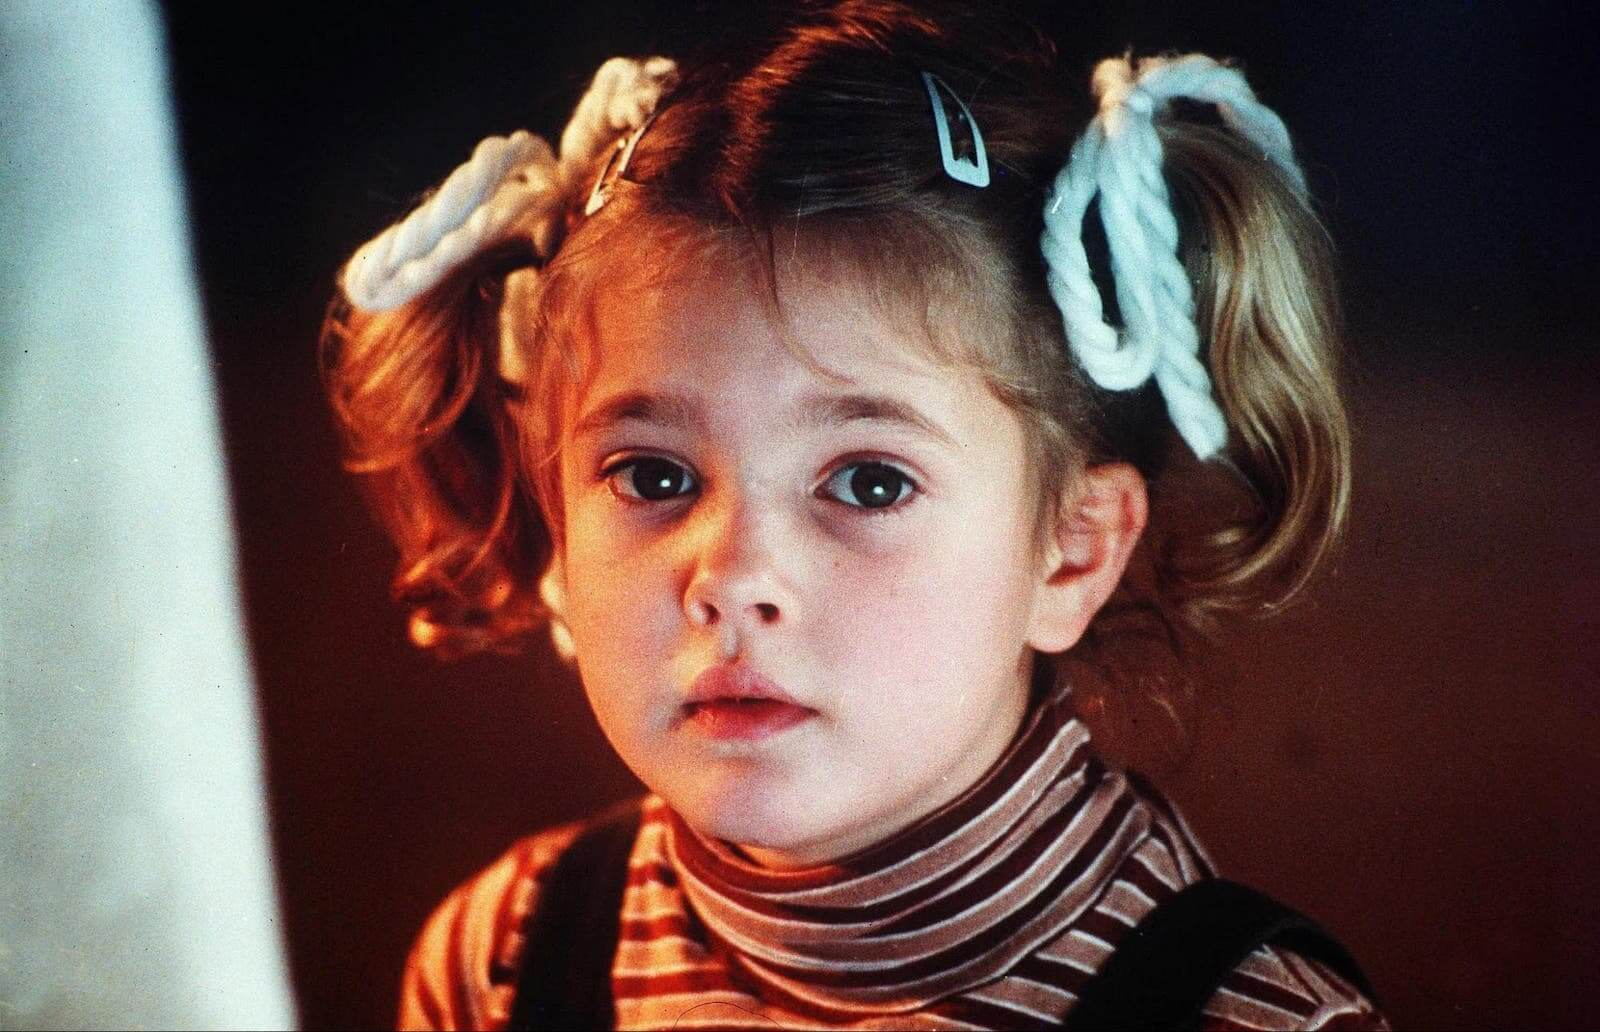 Child Actors - Child Labor Laws - Drew Barrymore